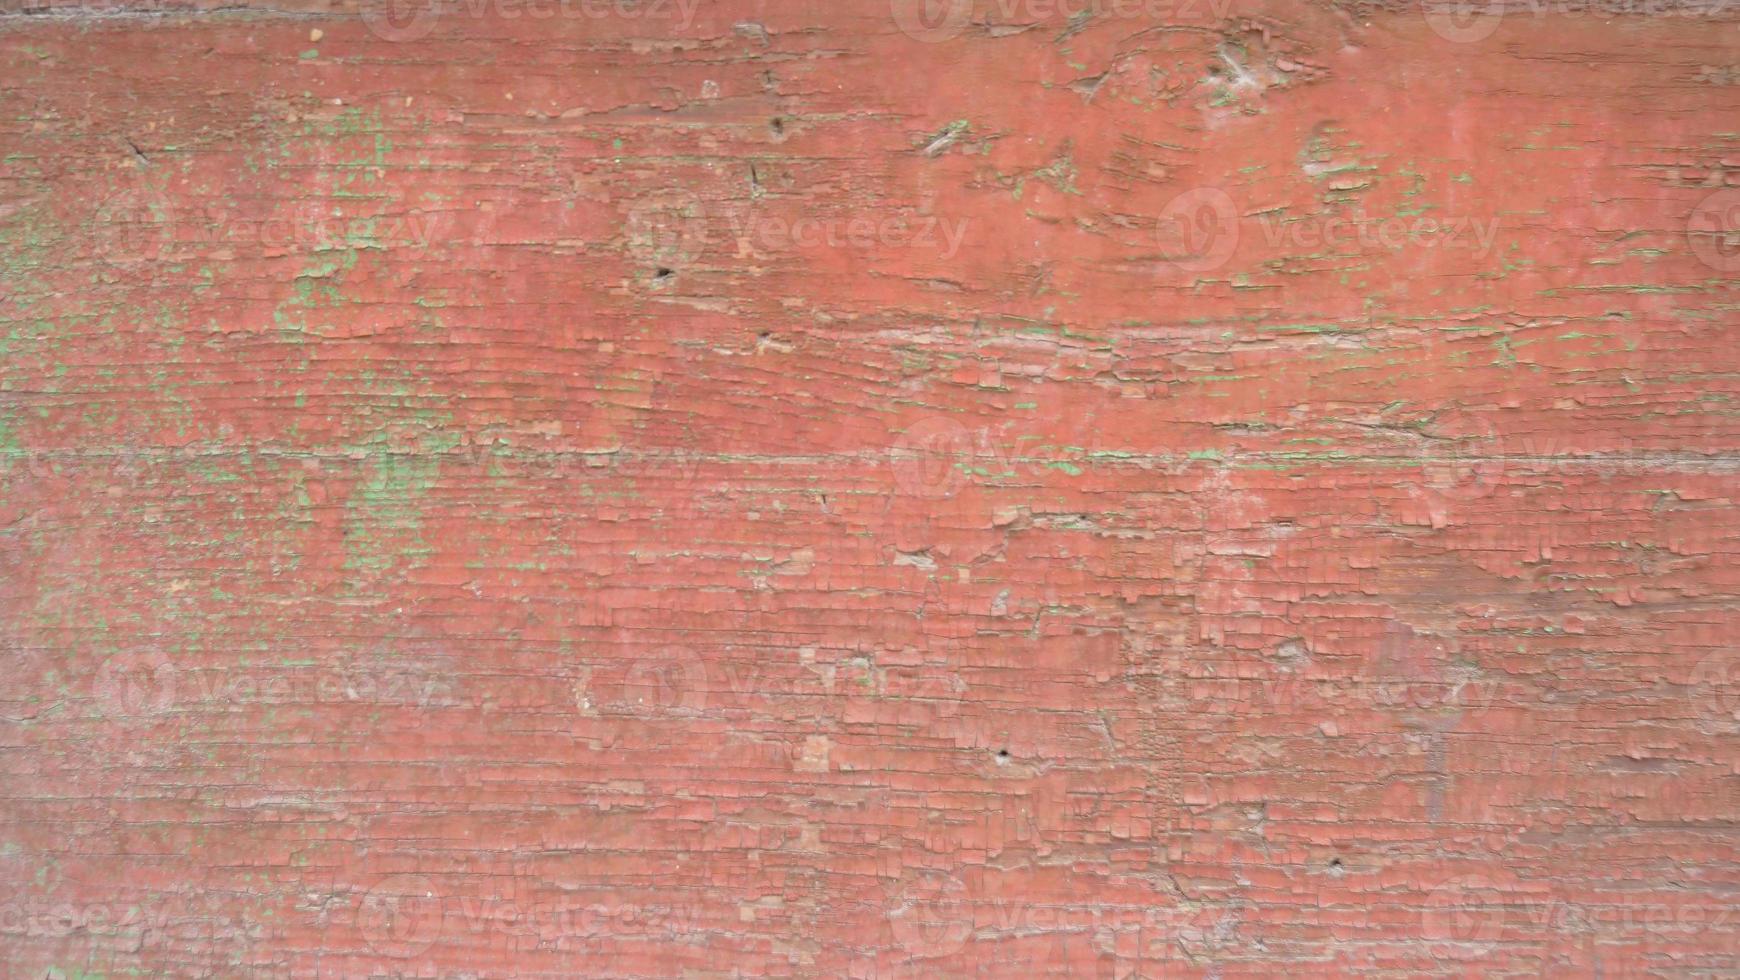 placa de madeira vintage retro quebrada textura pintada de vermelho imagem de fundo foto